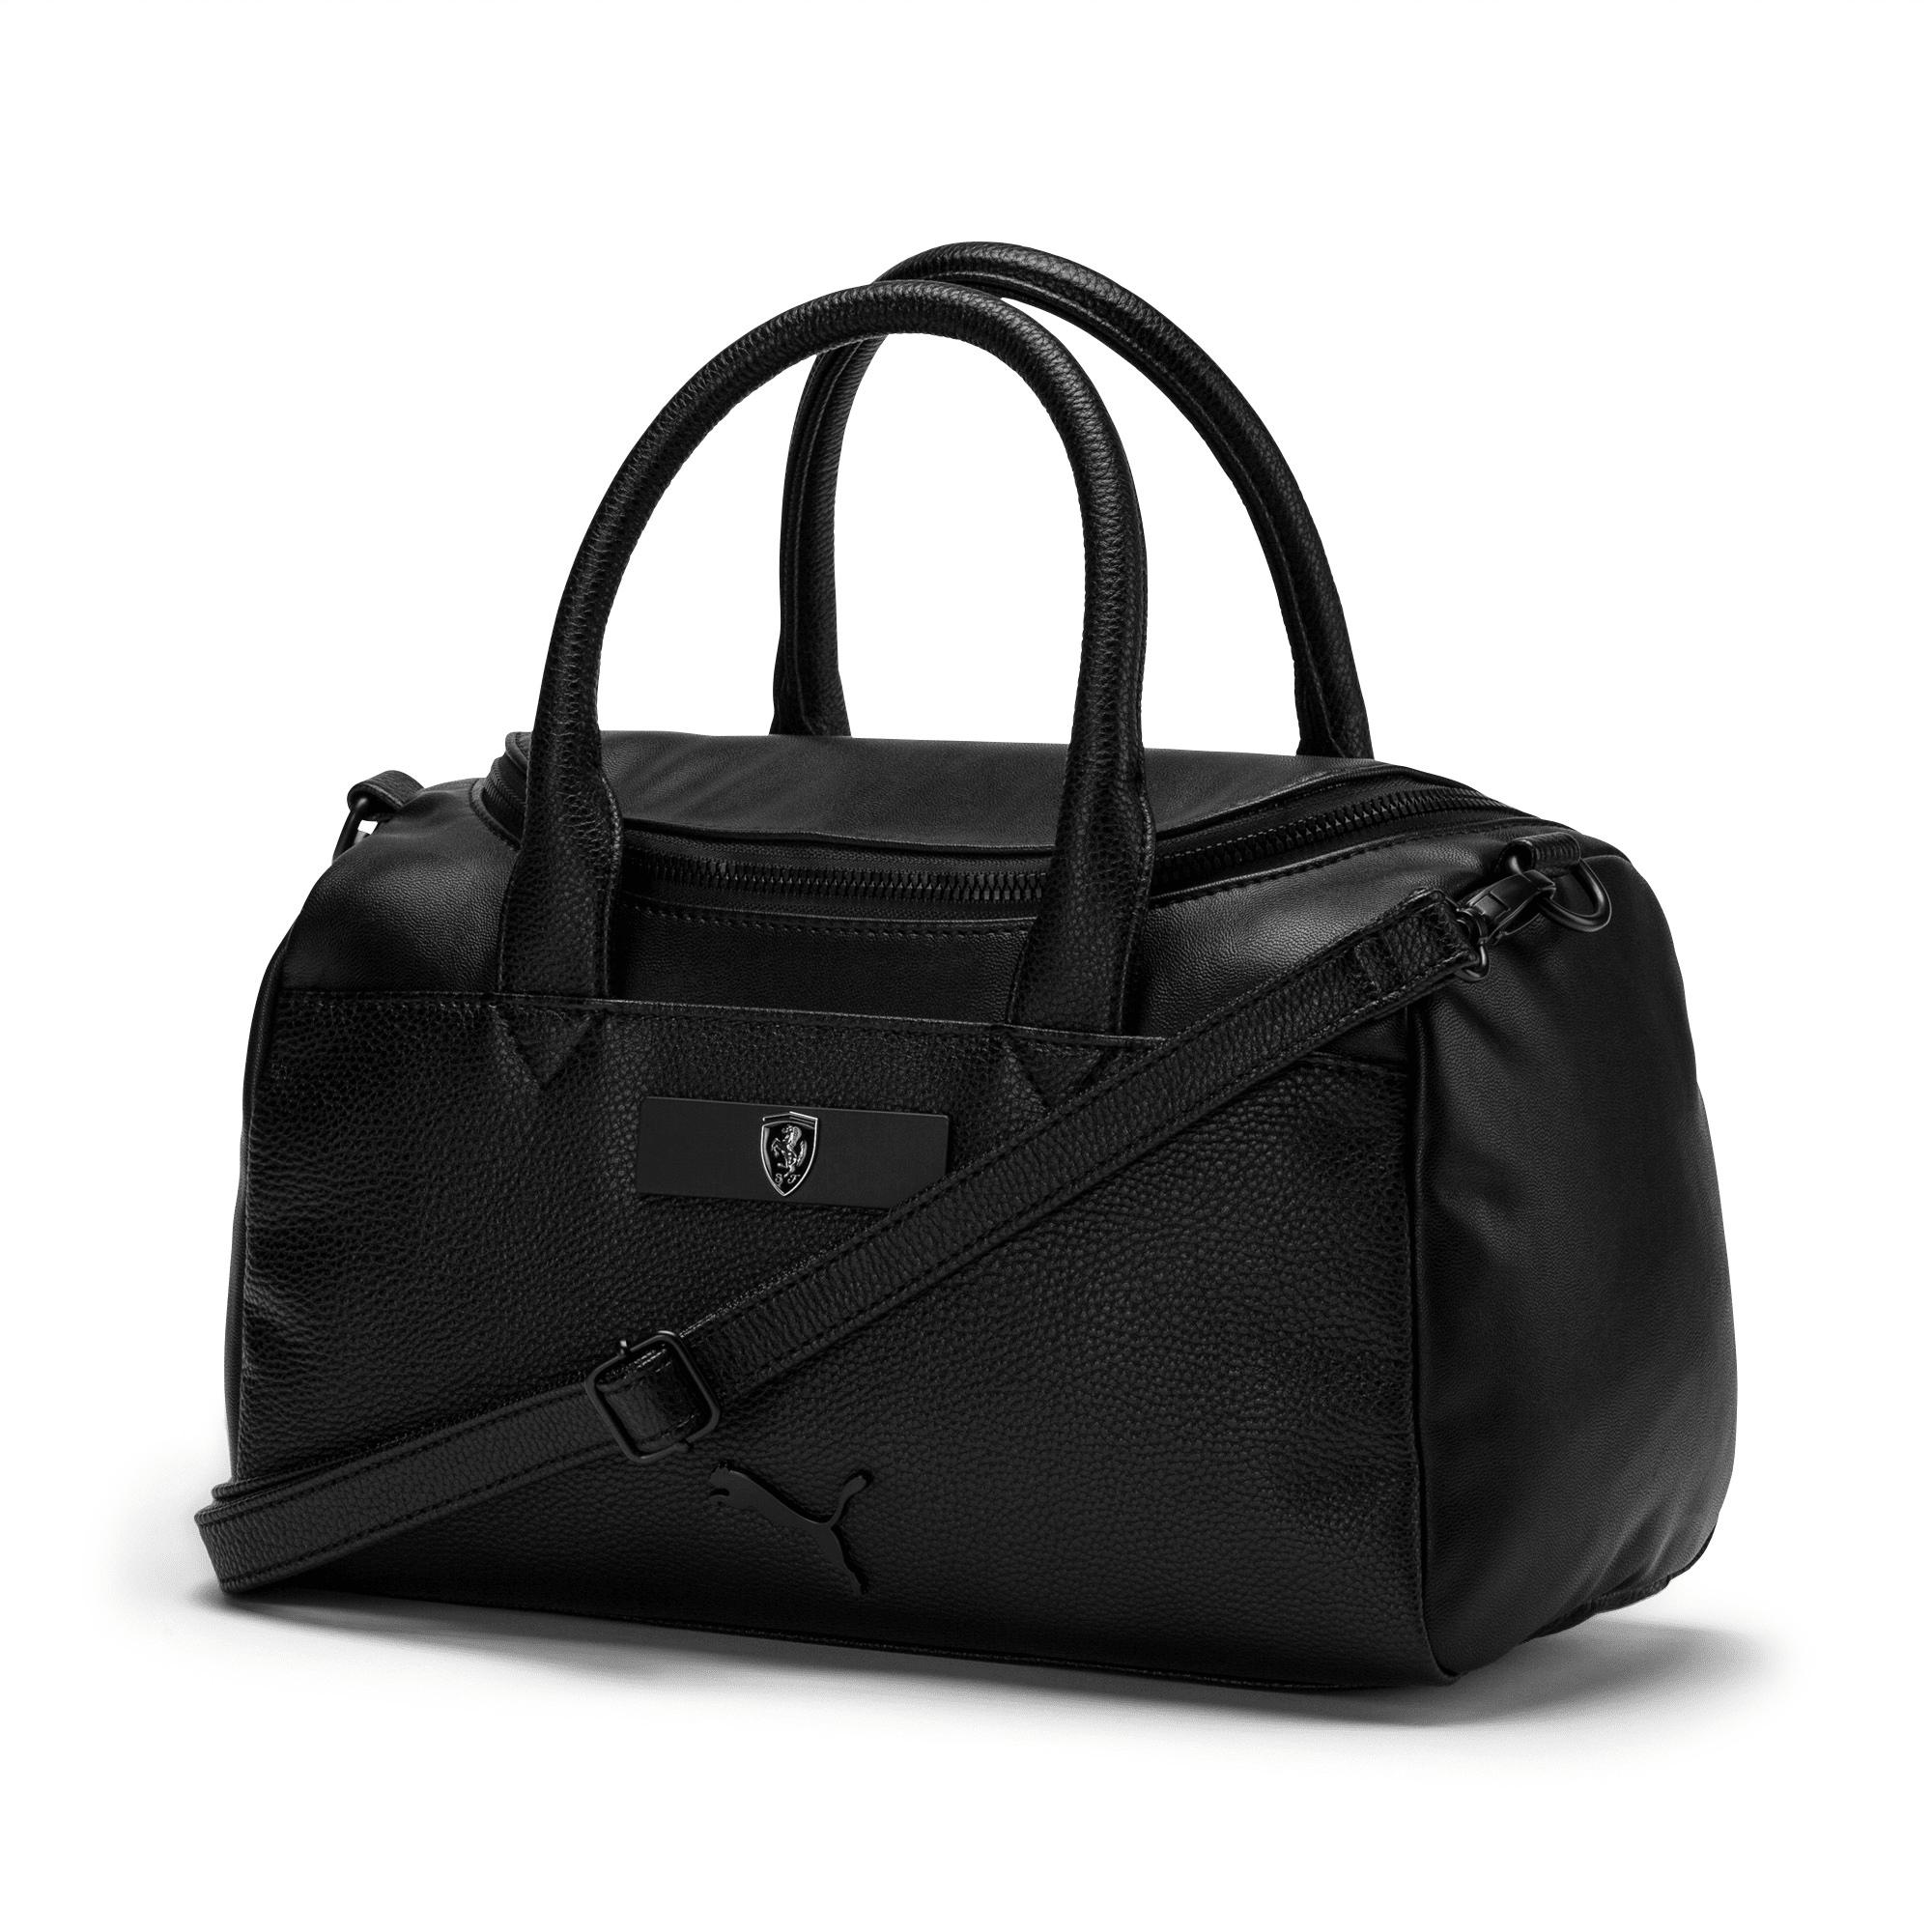 sac à main ferrari lifestyle pour femme, noir, accessoires